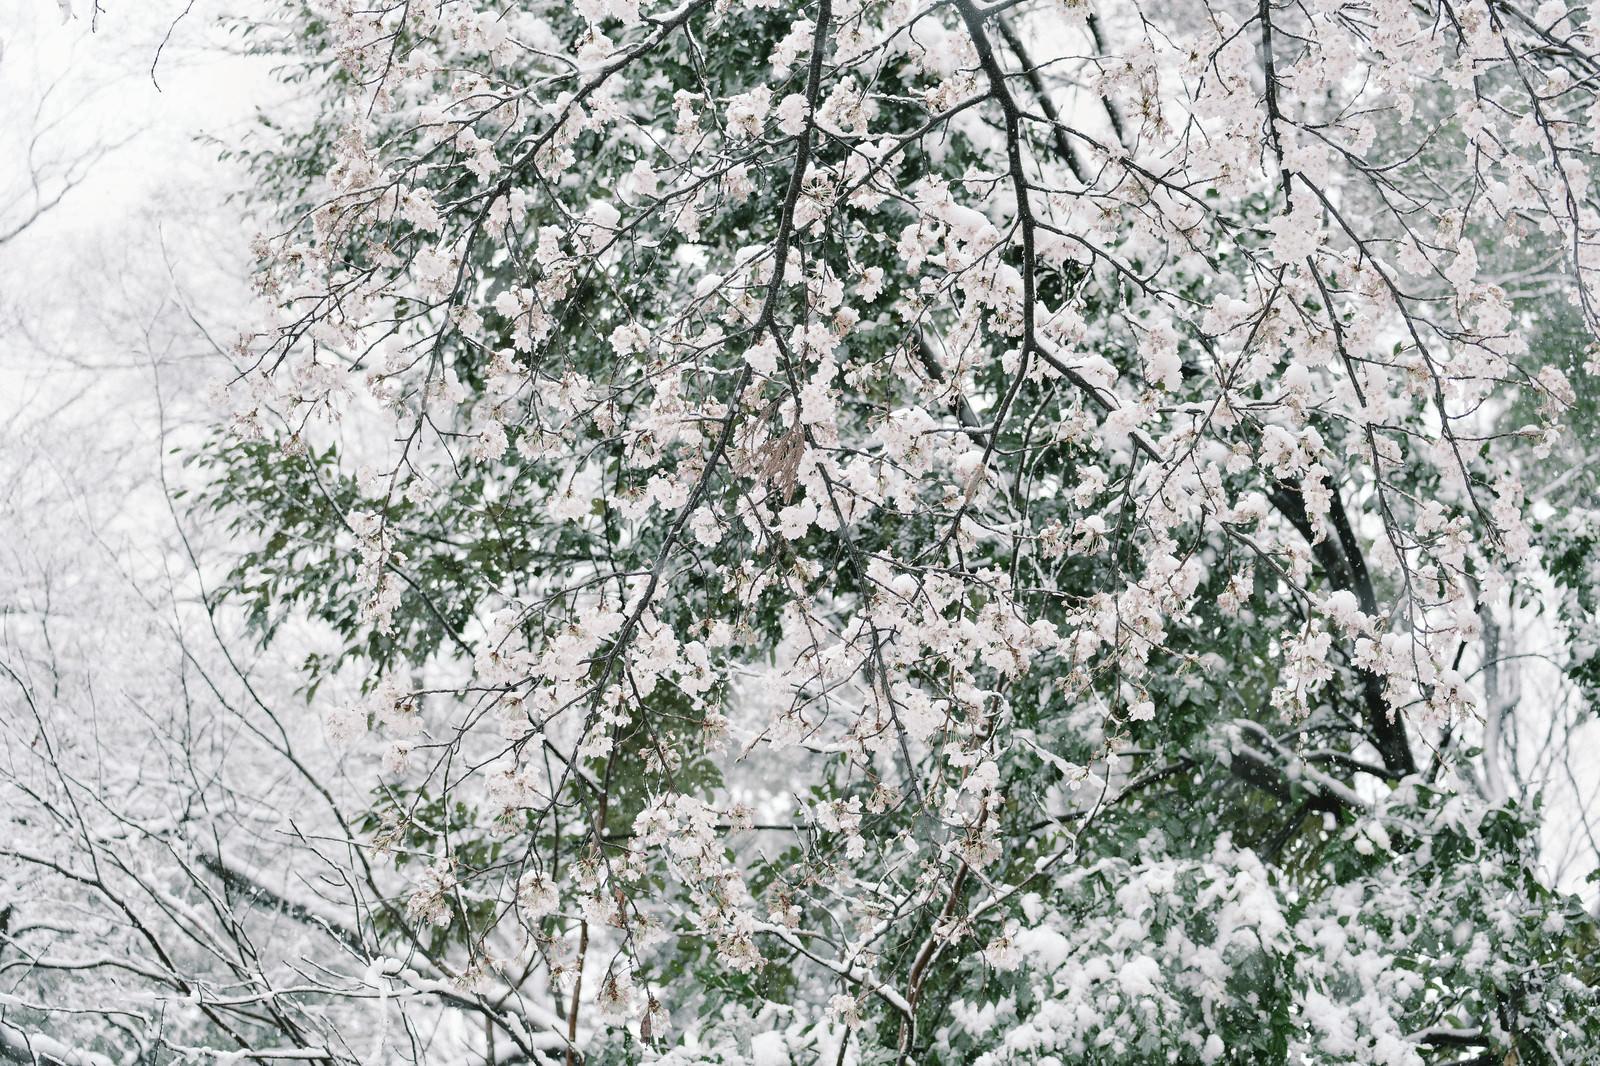 「真っ白な雪が降り積もる白い桜」の写真